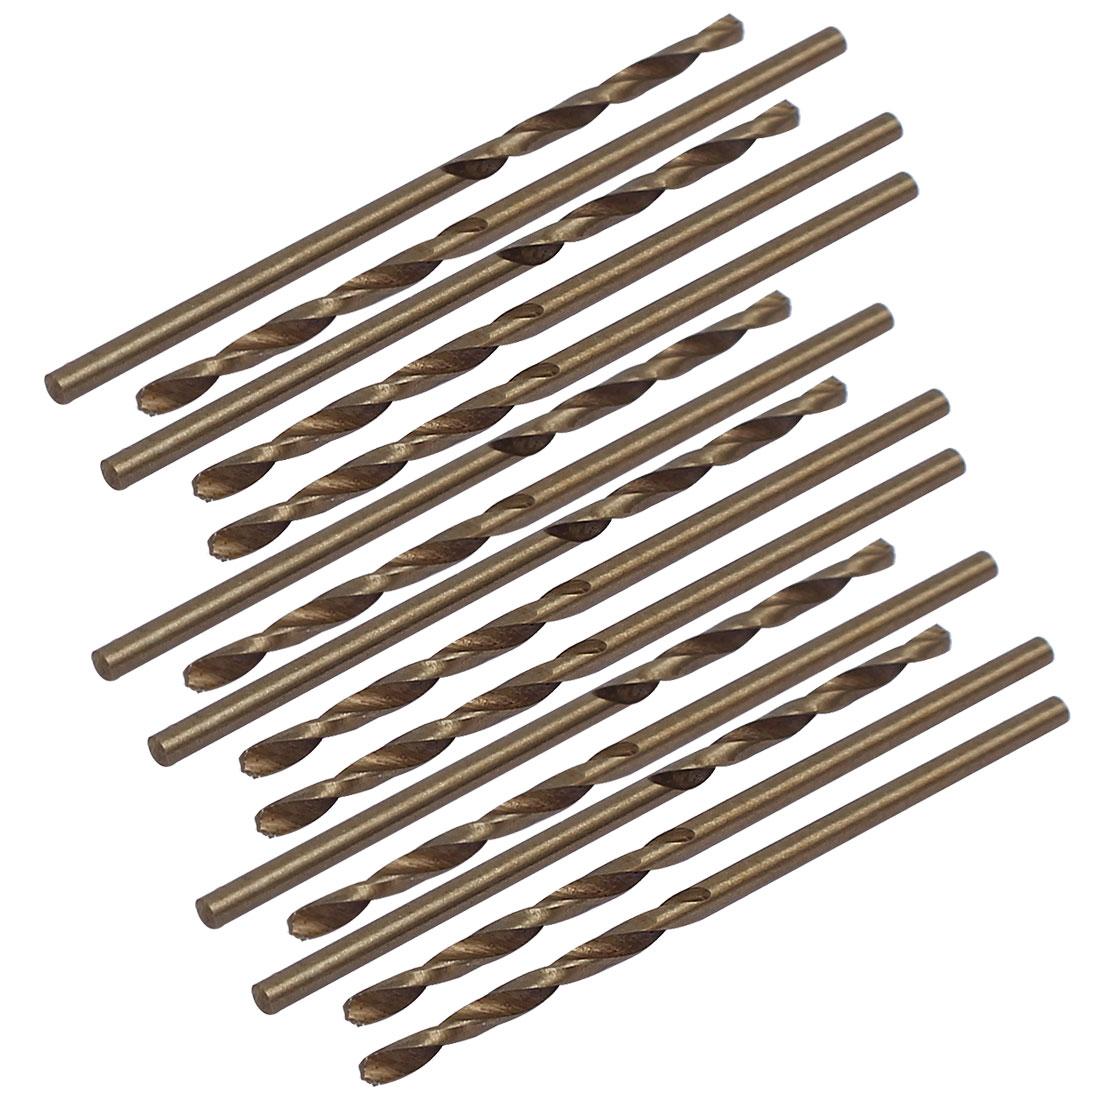 1.5mm Dia Split Point HSS Cobalt Metric Twist Drill Bit Drilling Tool 15pcs